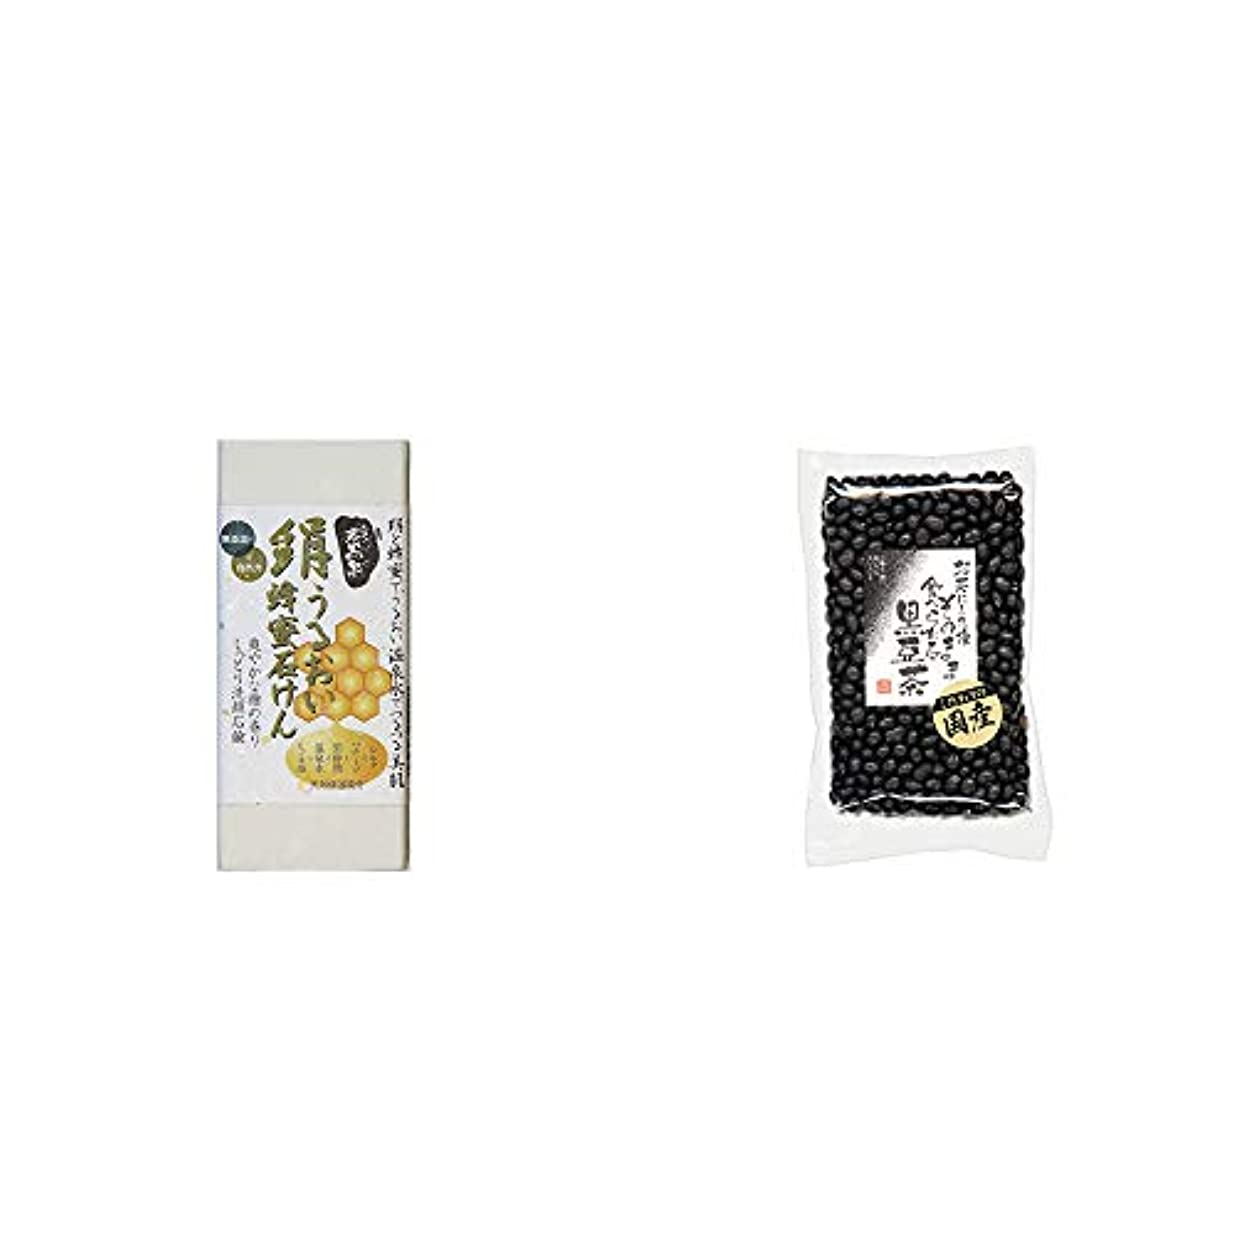 同行光沢失[2点セット] ひのき炭黒泉 絹うるおい蜂蜜石けん(75g×2)?国産 黒豆茶(200g)